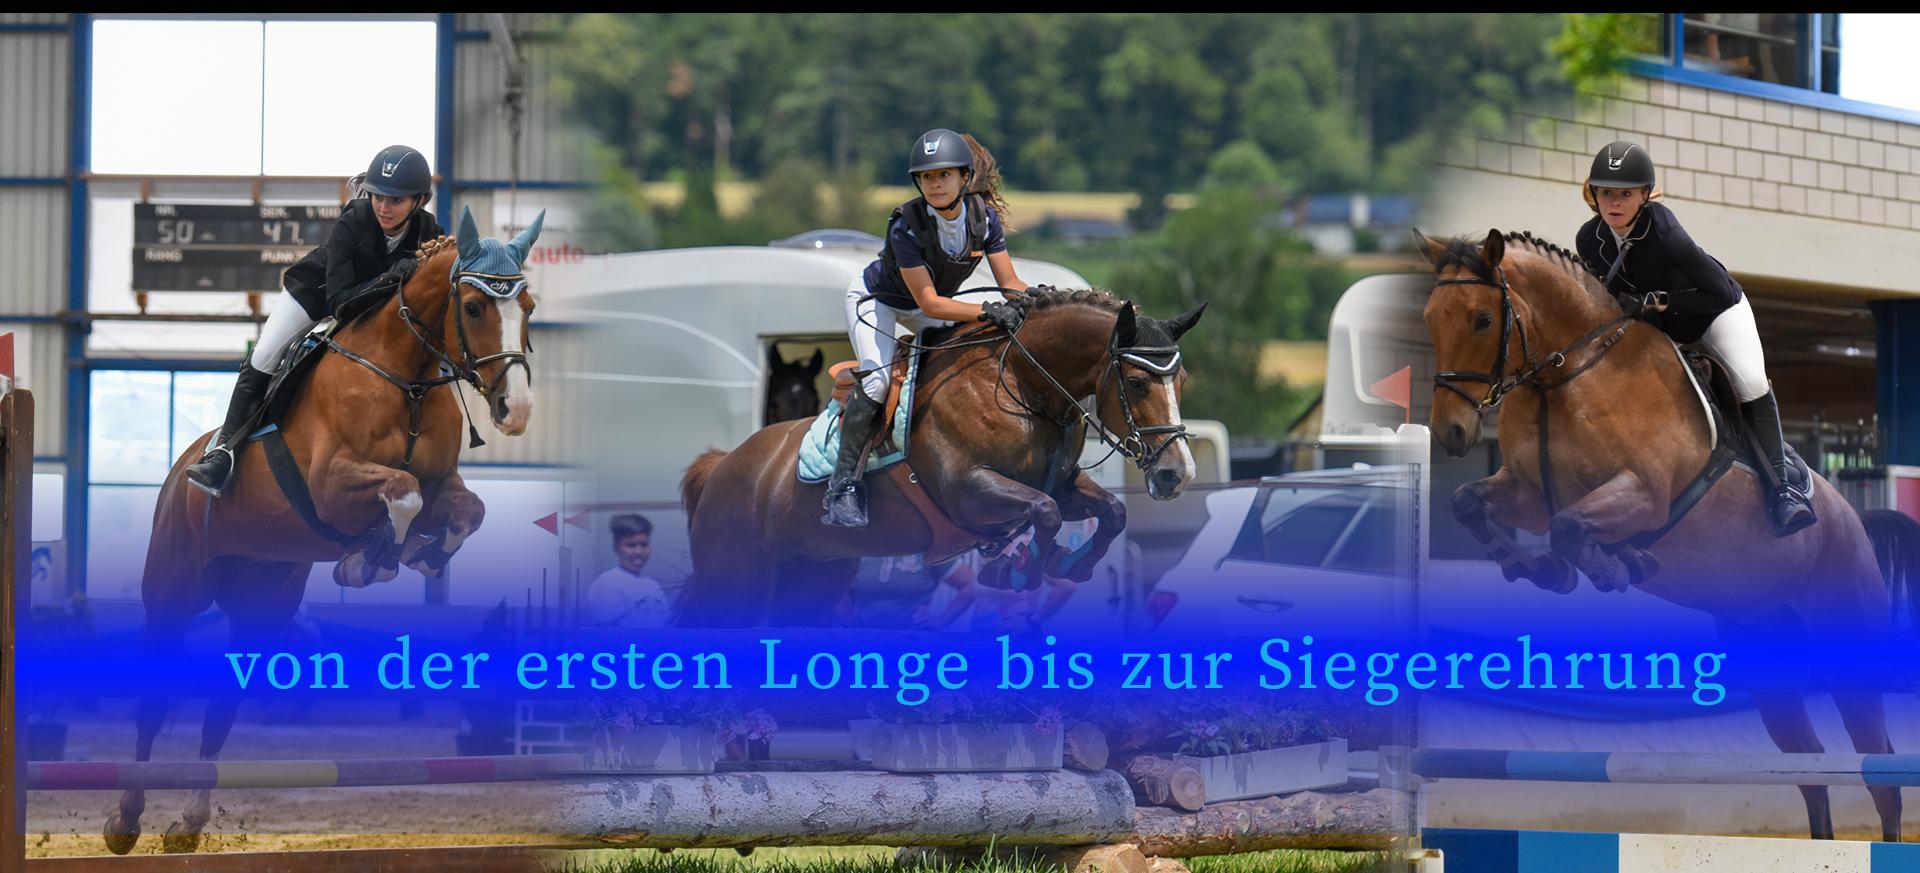 Longe-bis-Siegerehrung2-